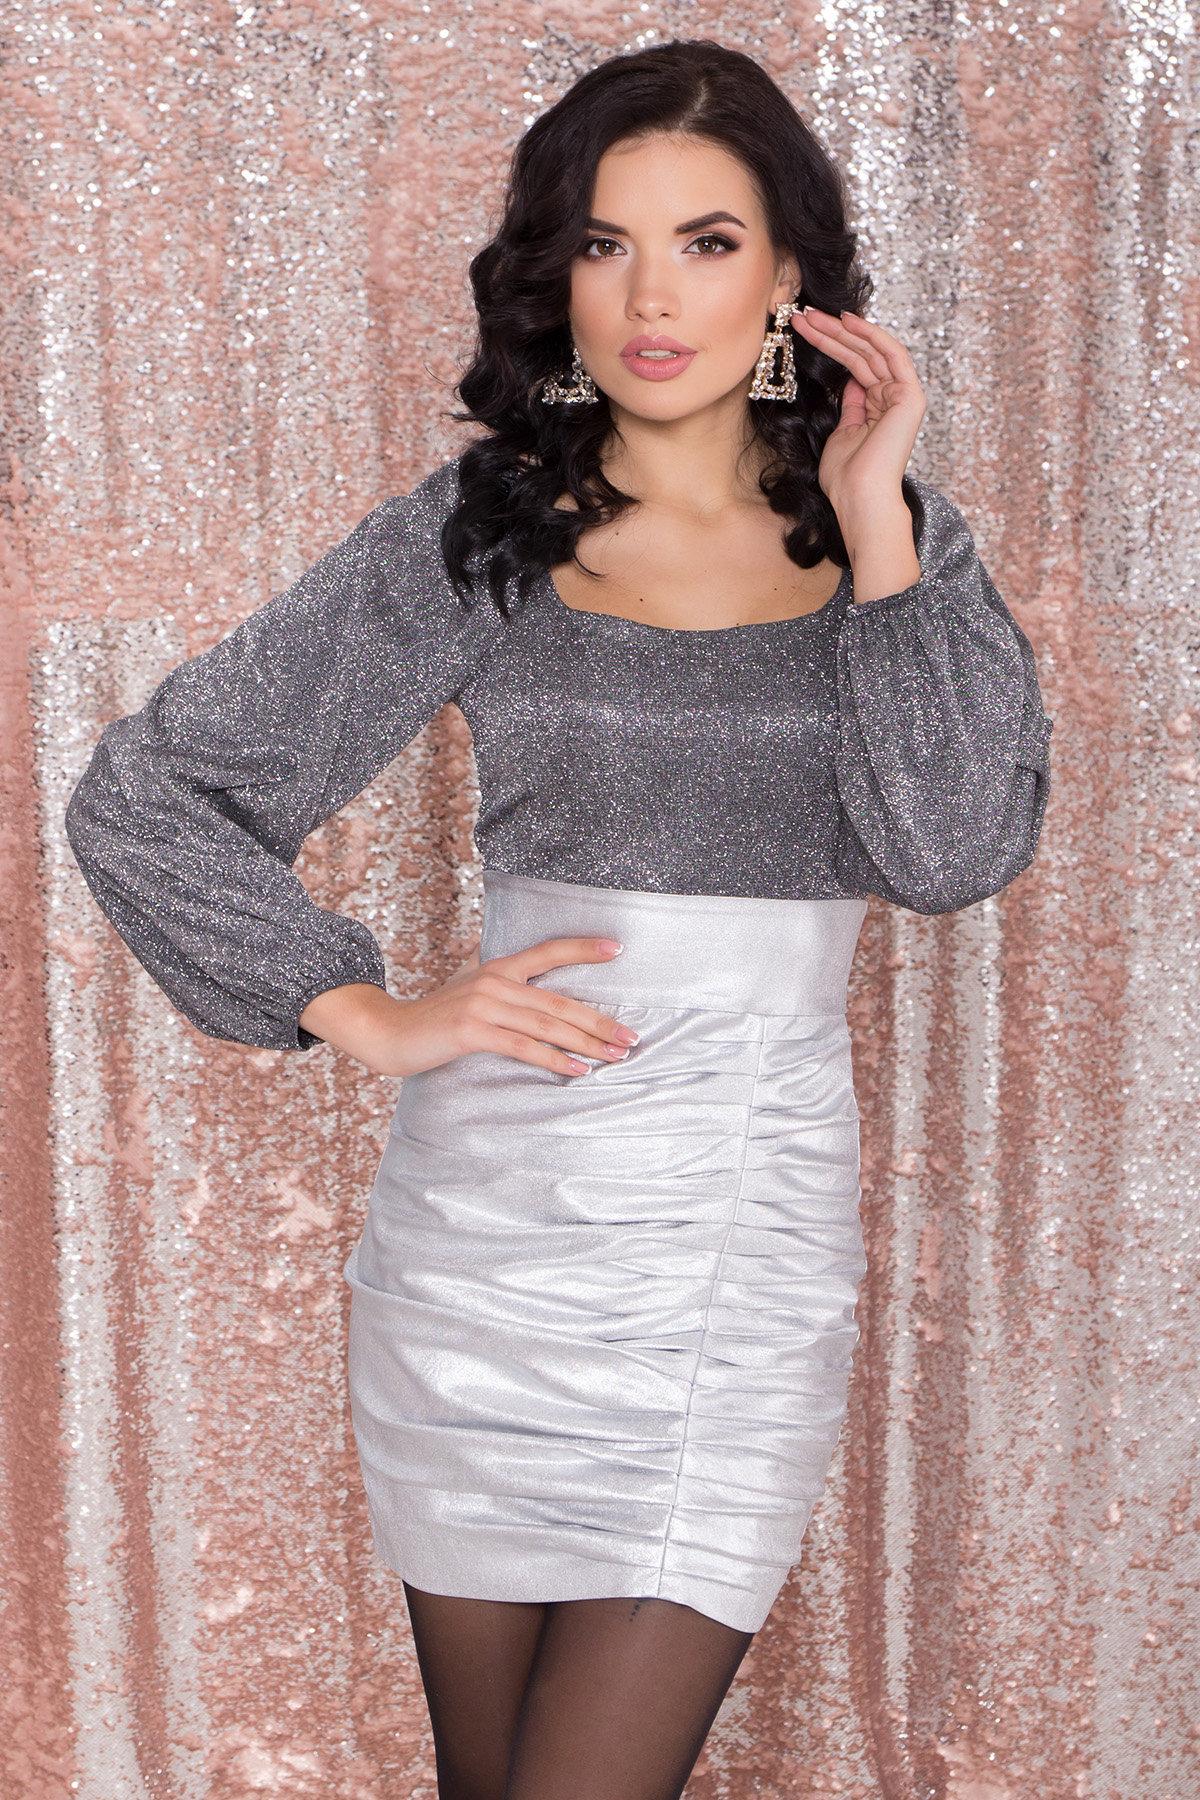 Платье с драпировкой Линси 8534 АРТ. 44973 Цвет: Серебро 2 - фото 4, интернет магазин tm-modus.ru